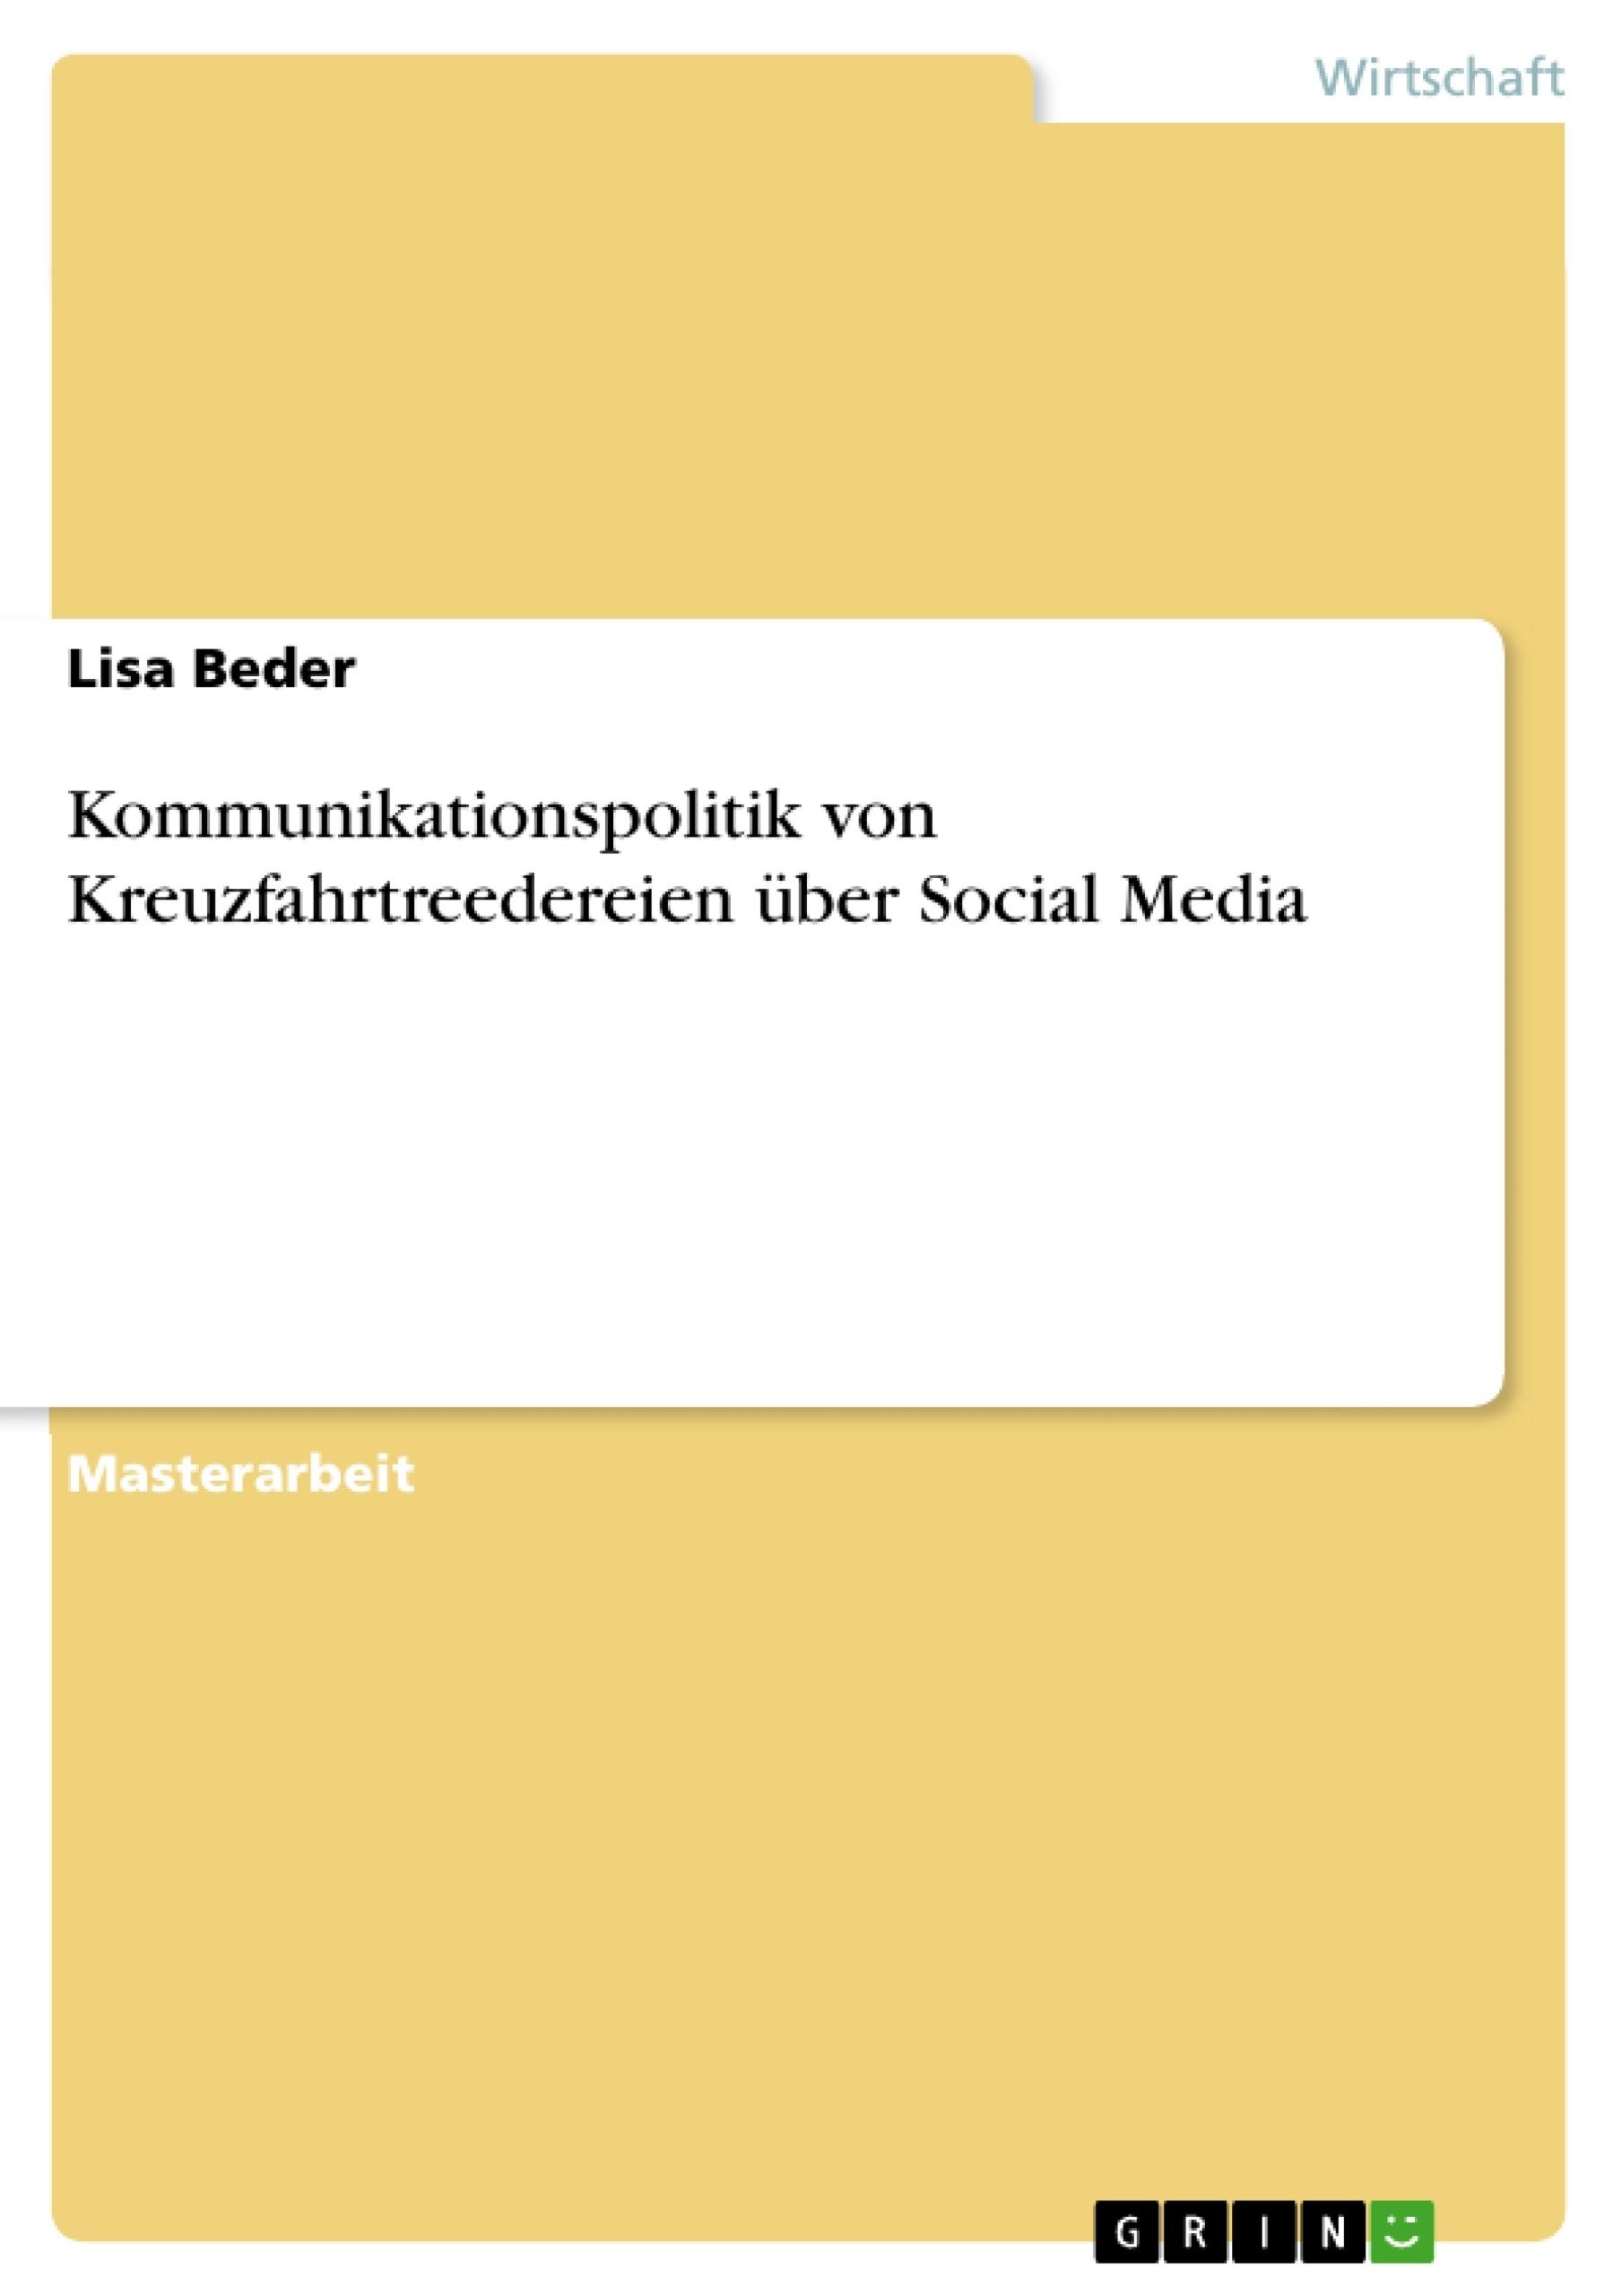 Titel: Kommunikationspolitik von Kreuzfahrtreedereien über Social Media